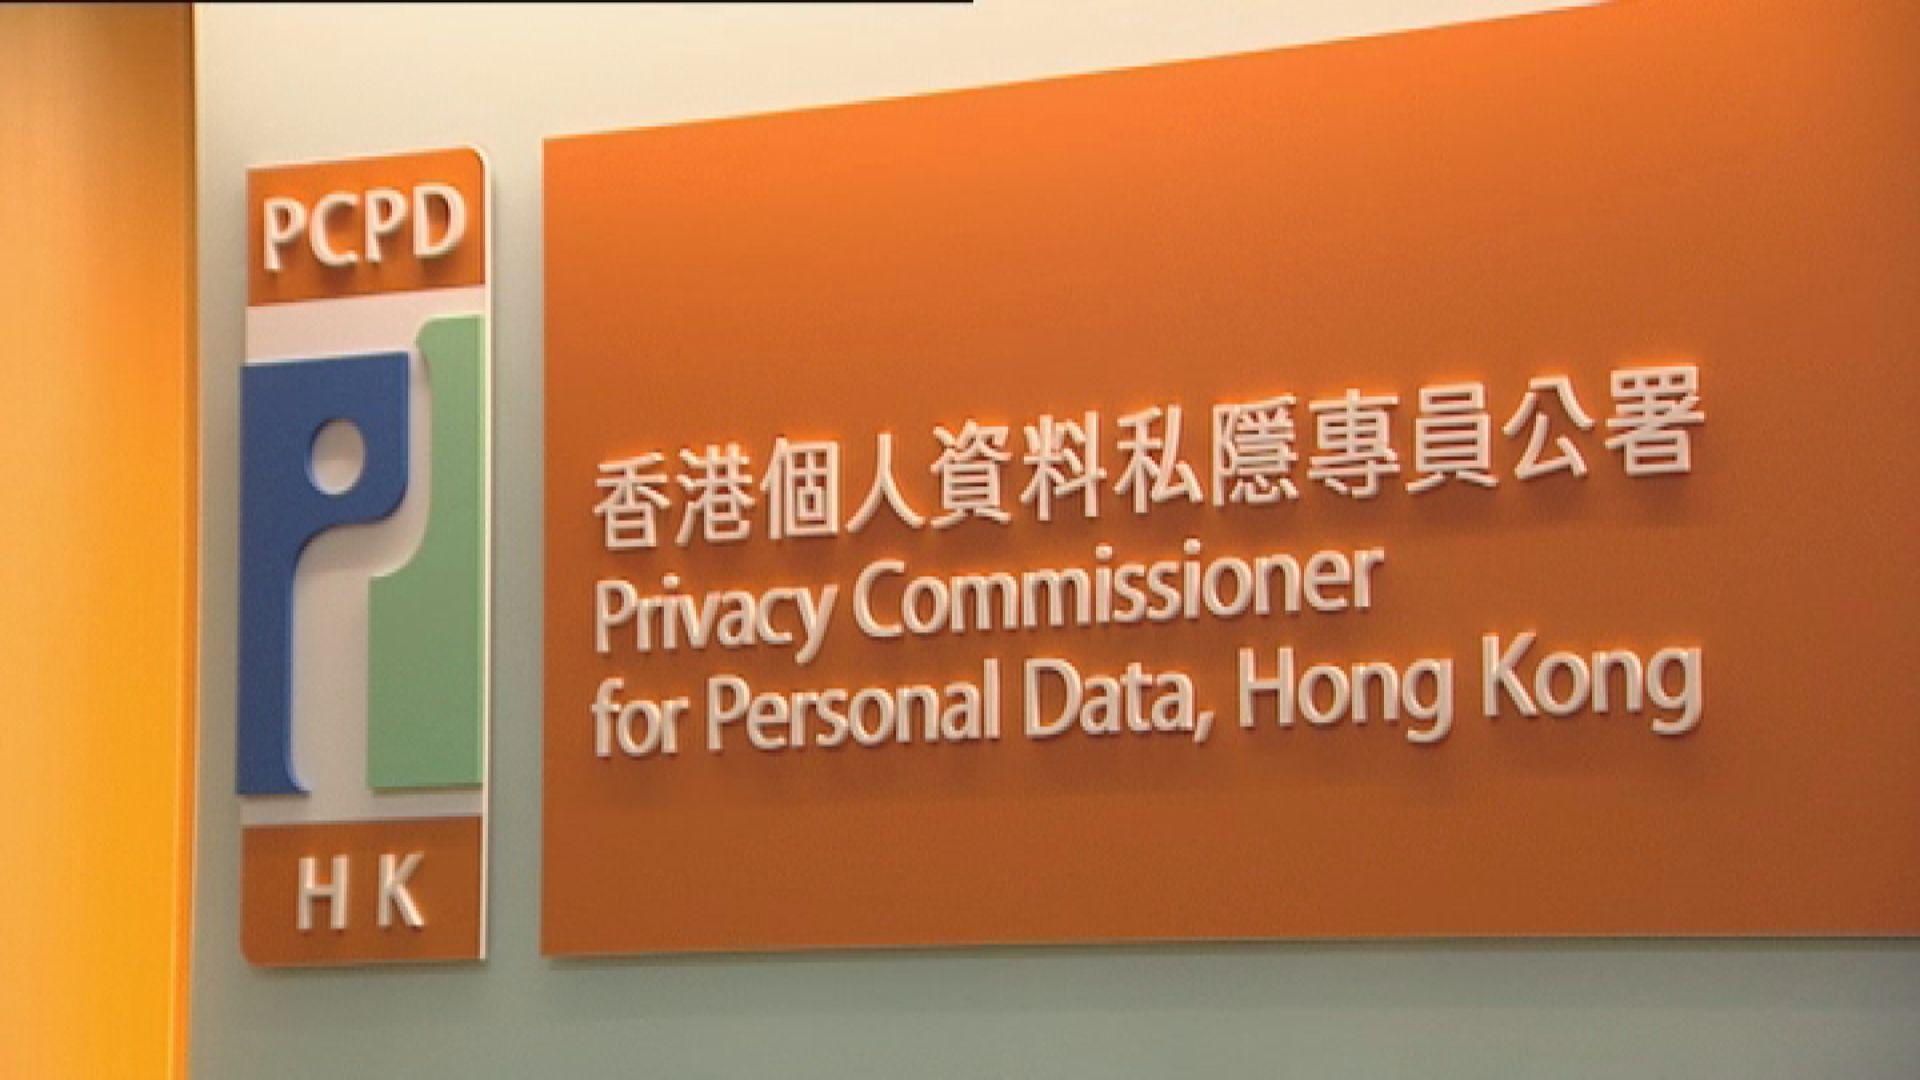 私隱專員批美公開官員資料 轉載或違法